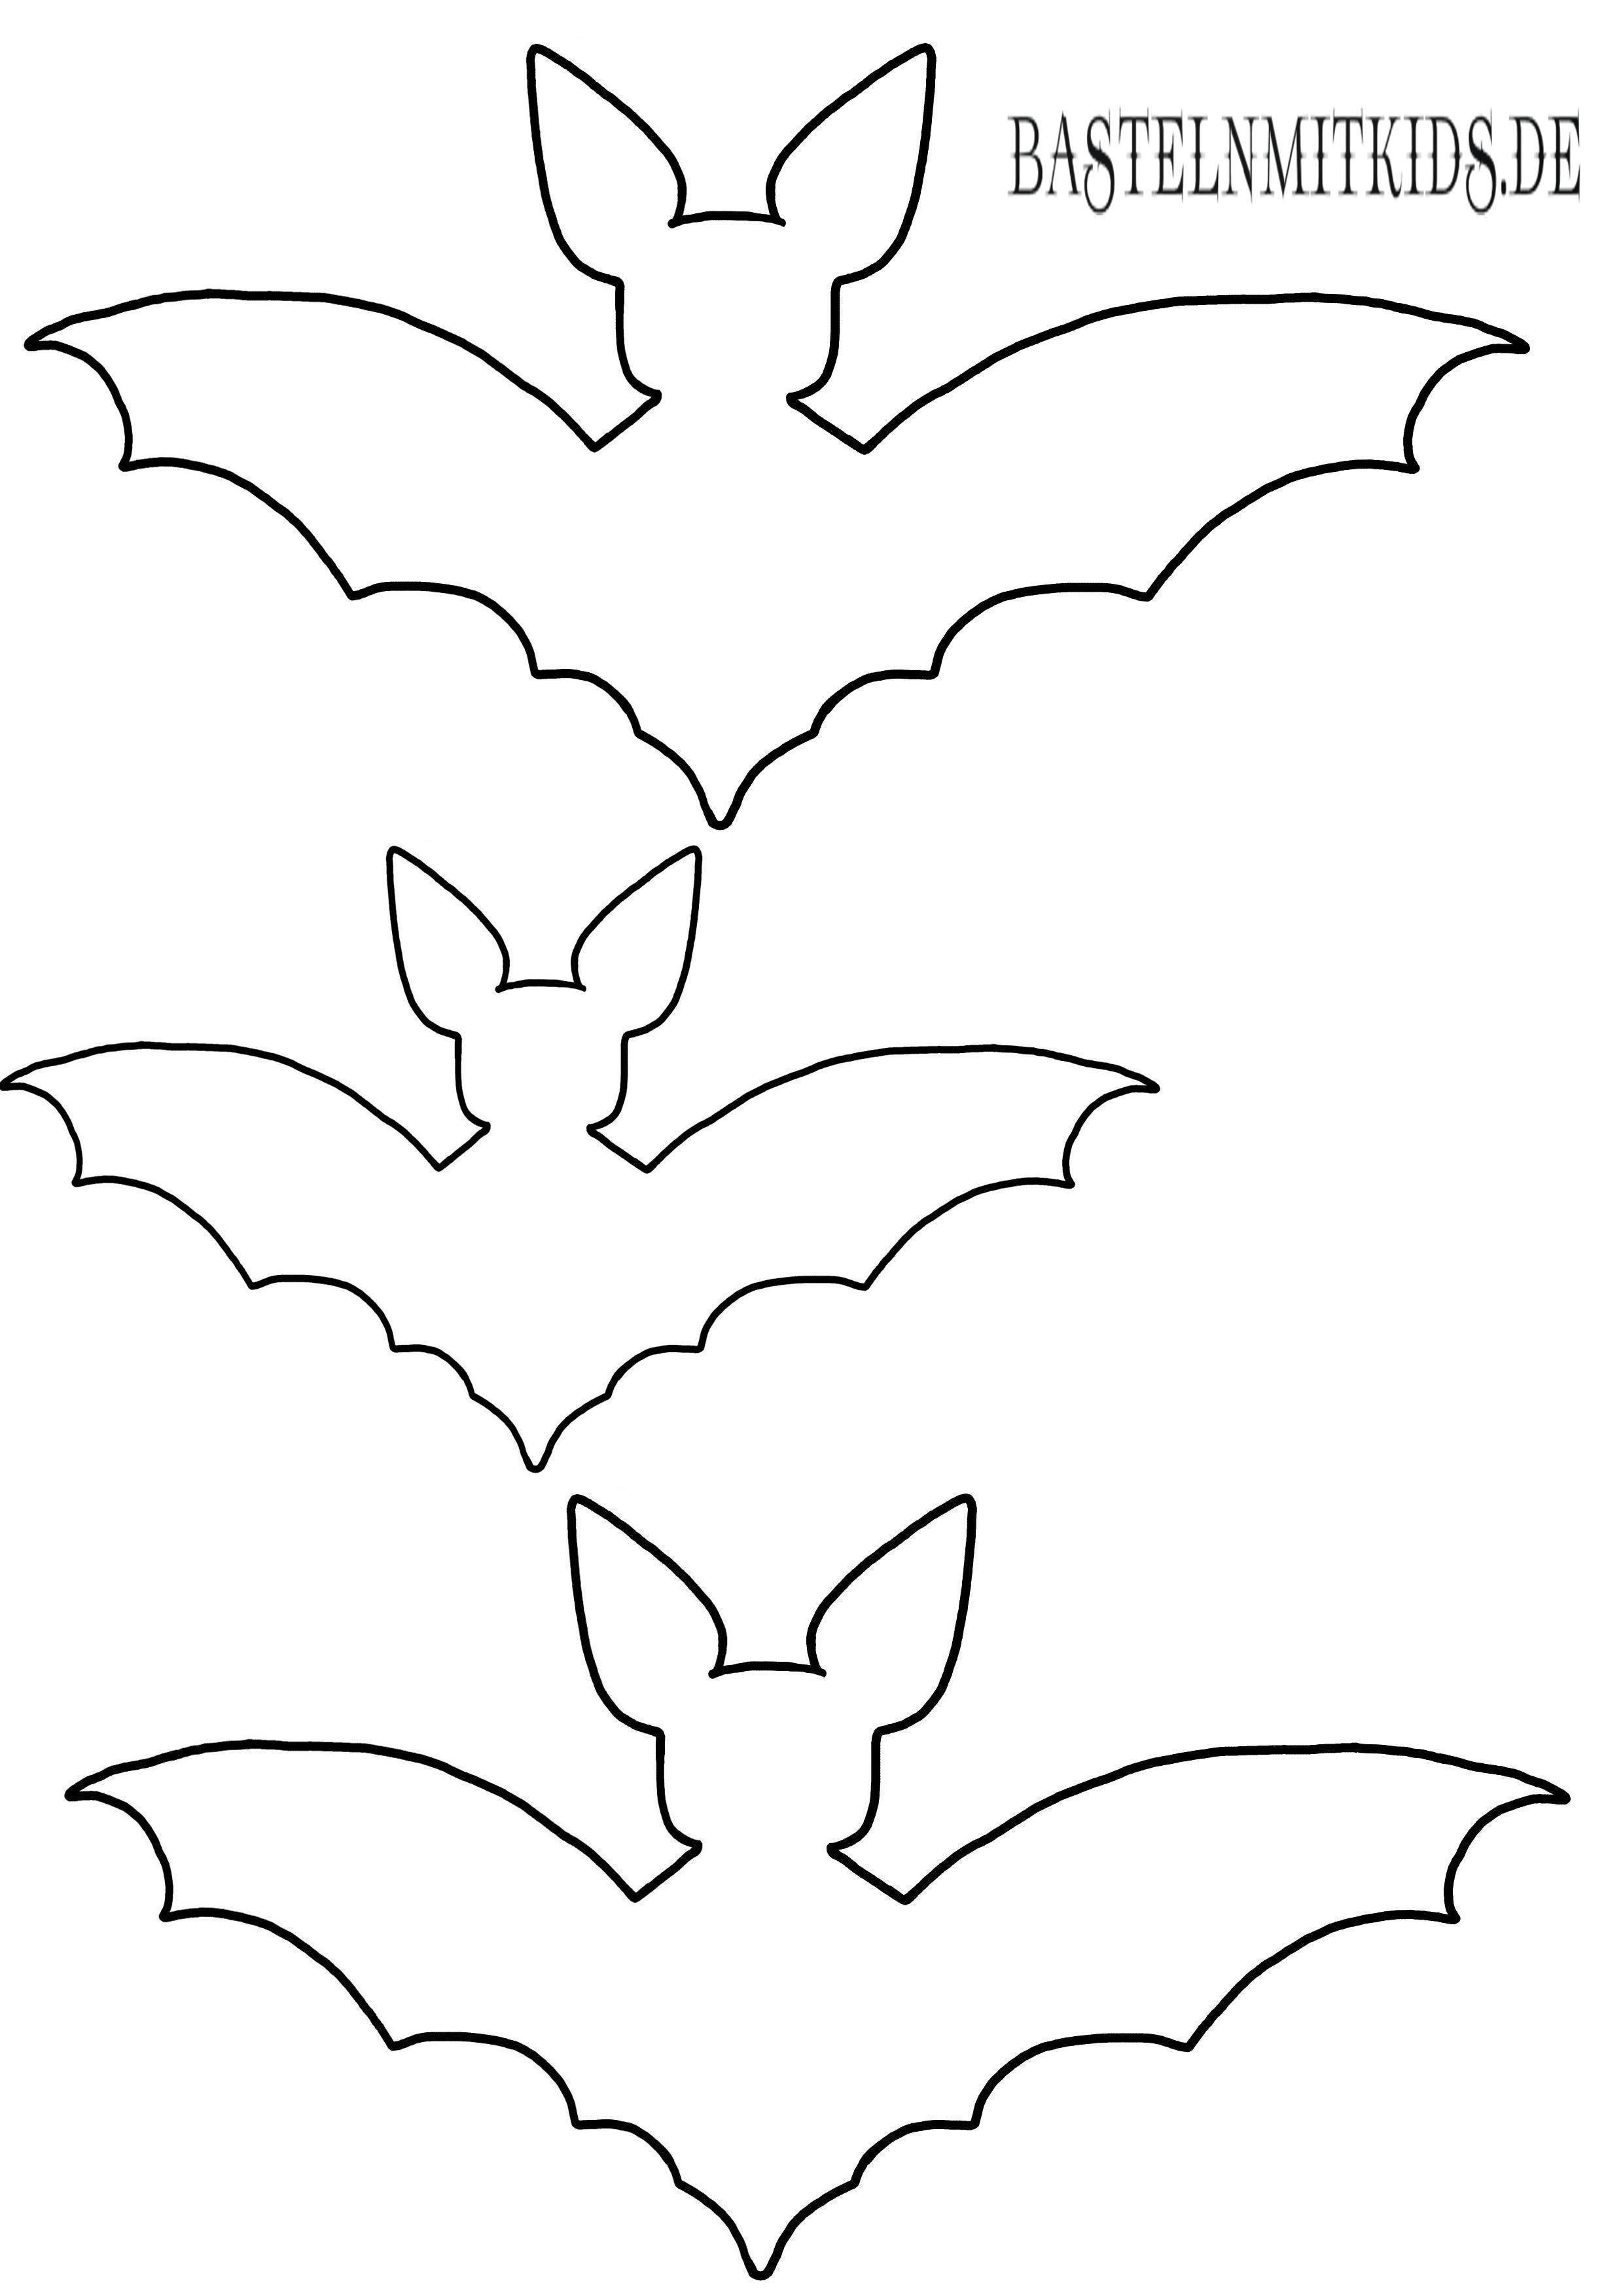 Spinnennetz Mit Spinne Malvorlage Genial Malvorlagen Und Briefpapier Gratis Zum Drucken Basteln Mit Kindern Galerie